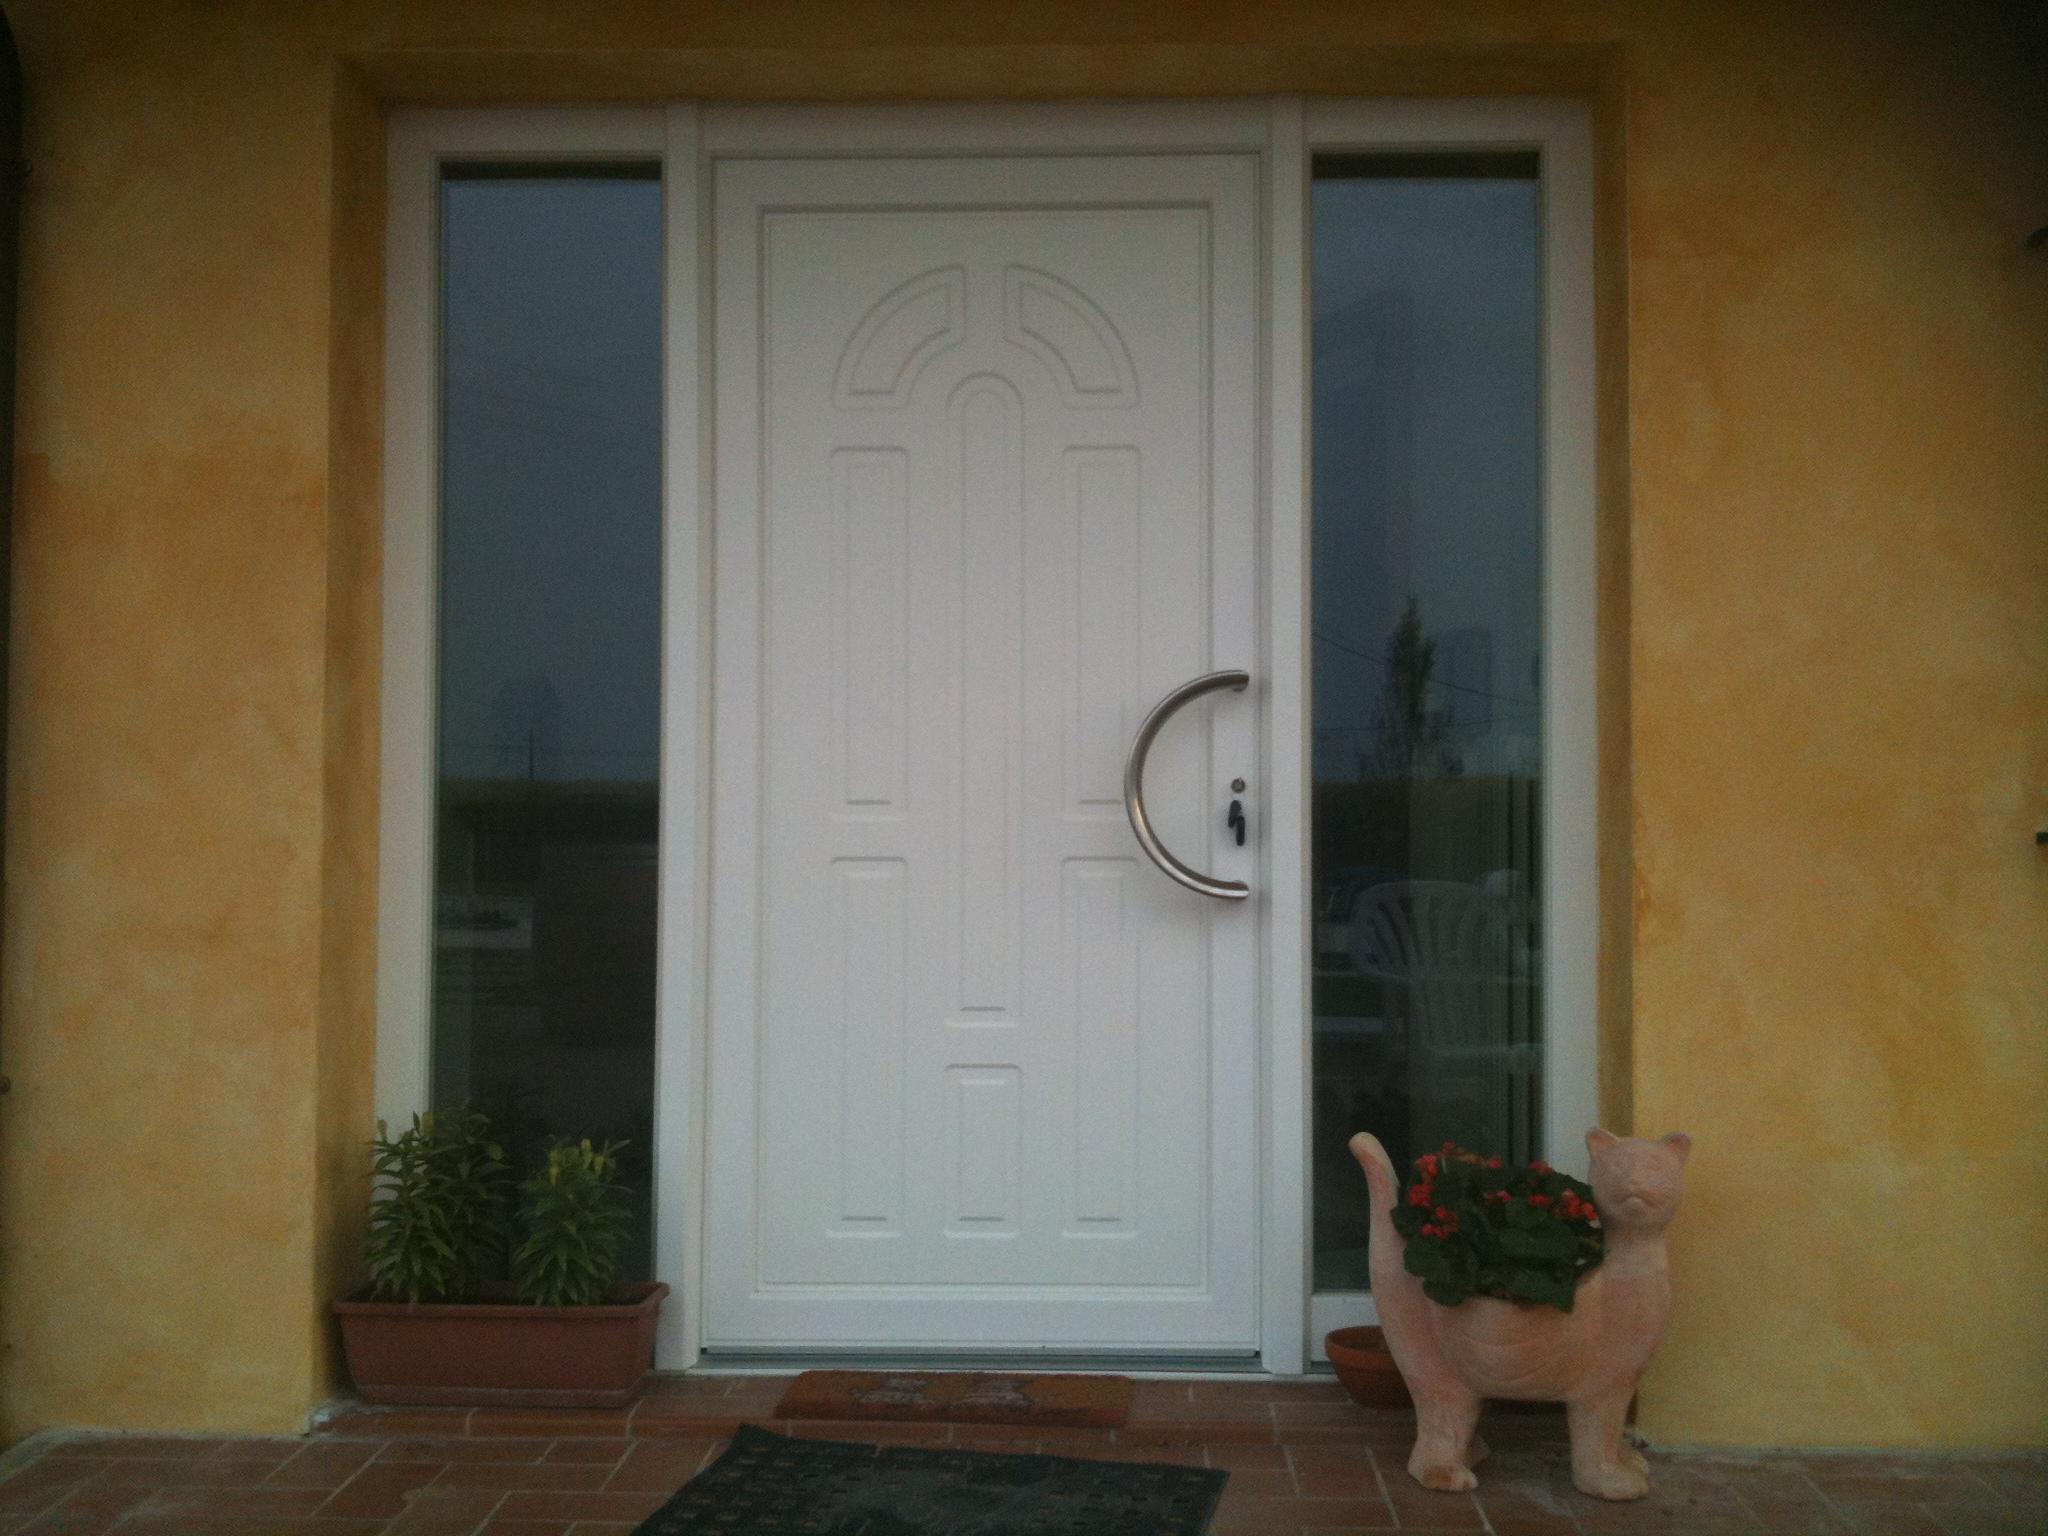 Porte d ingresso finstral tecnofinestra - Maniglie porte ingresso ...